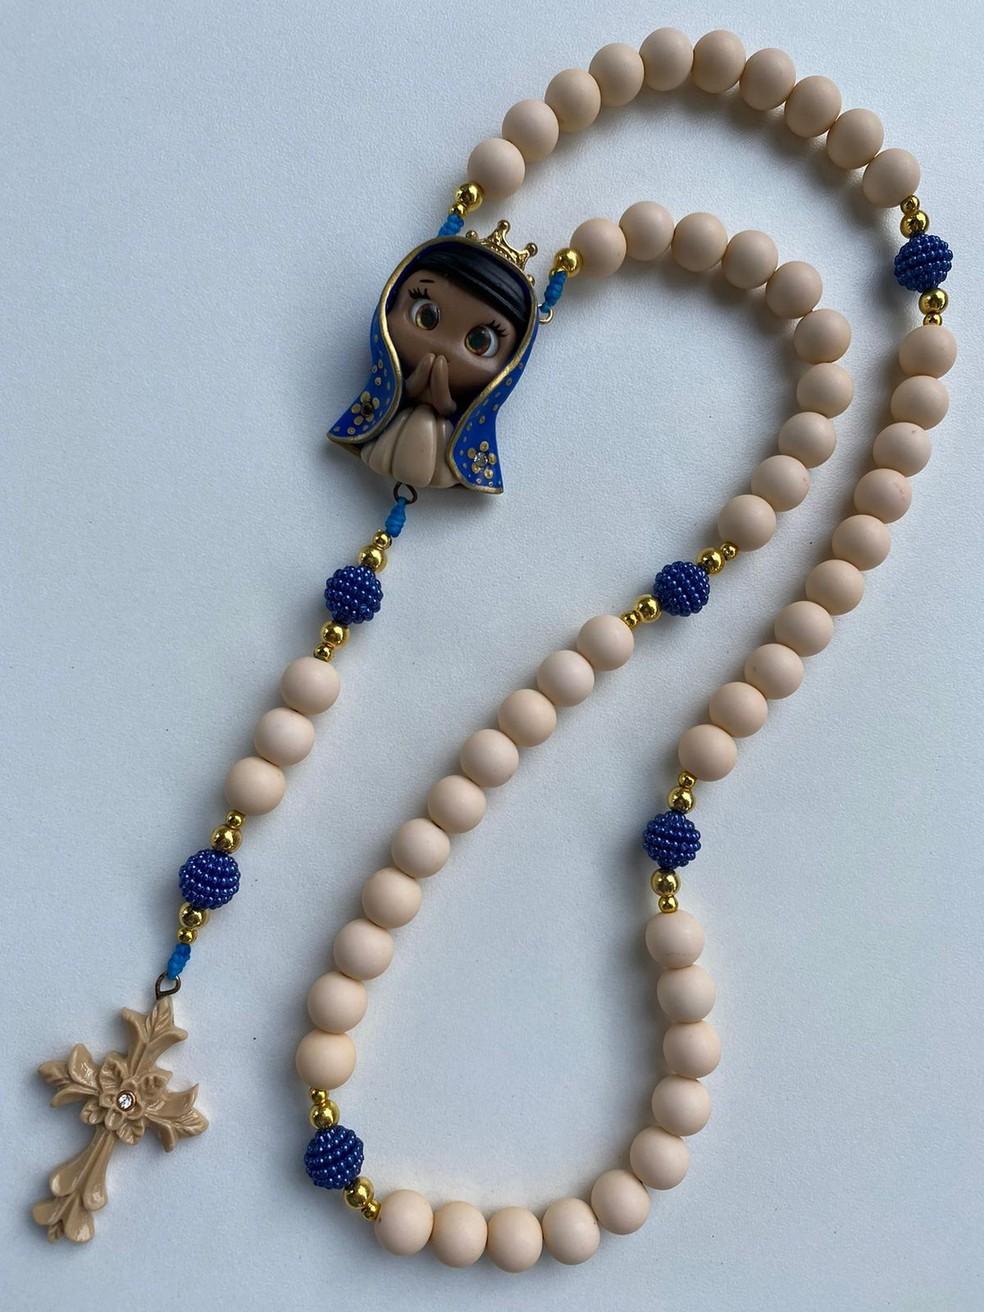 Terço de Nossa Senhora Aparecida é um dos mais pedidos, diz professora  — Foto: Arquivo pessoal